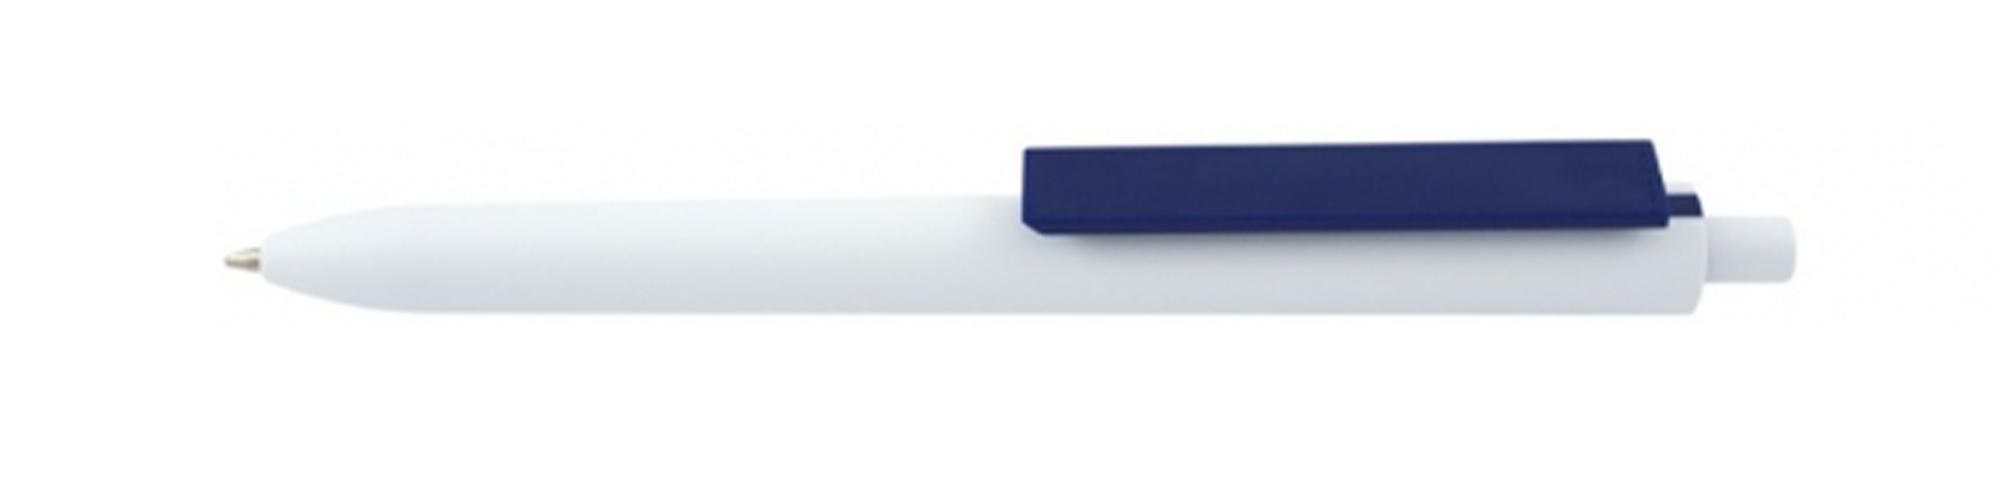 Długopis reklamowy plastikowy – COMET